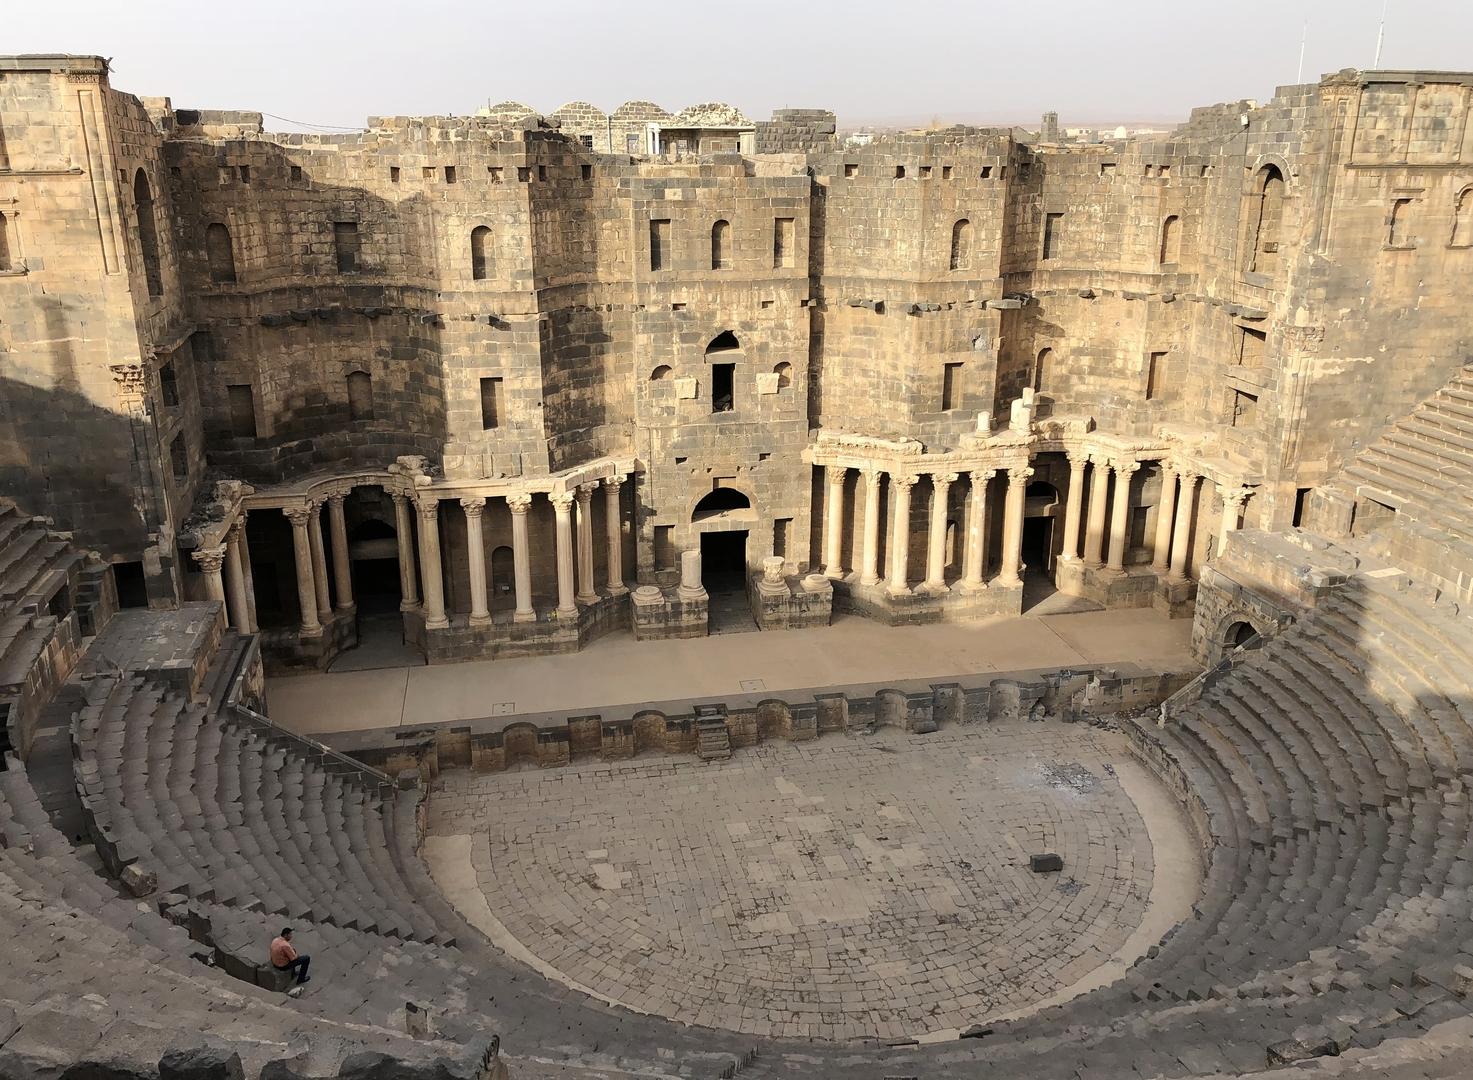 المسرح الروماني في مدينة بصرى السورية